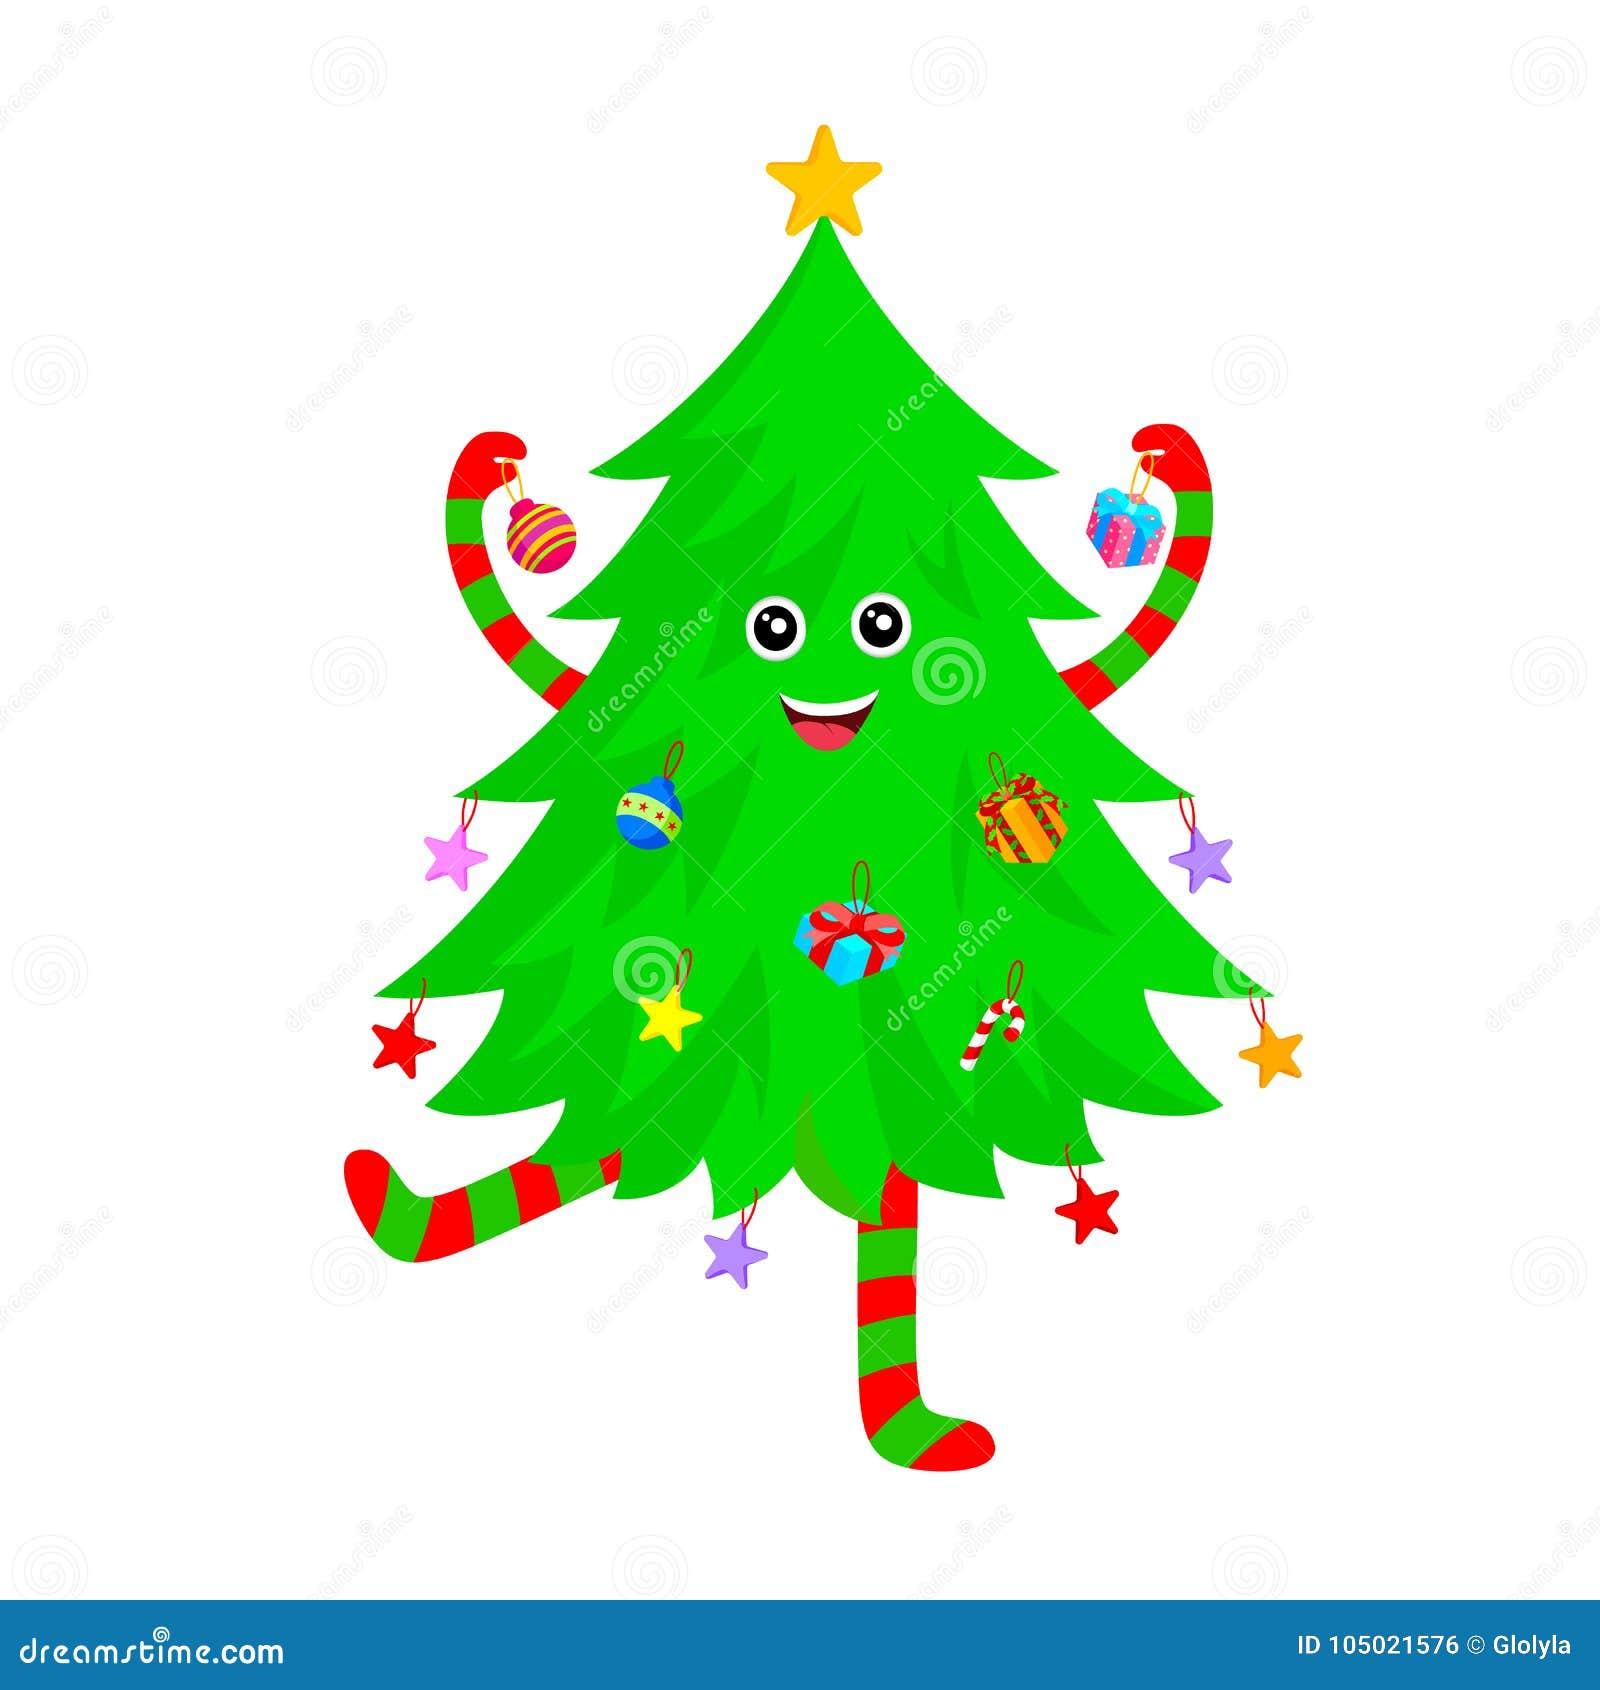 Diseño De Personajes De Dibujos Animados Lindo Del árbol De Navidad